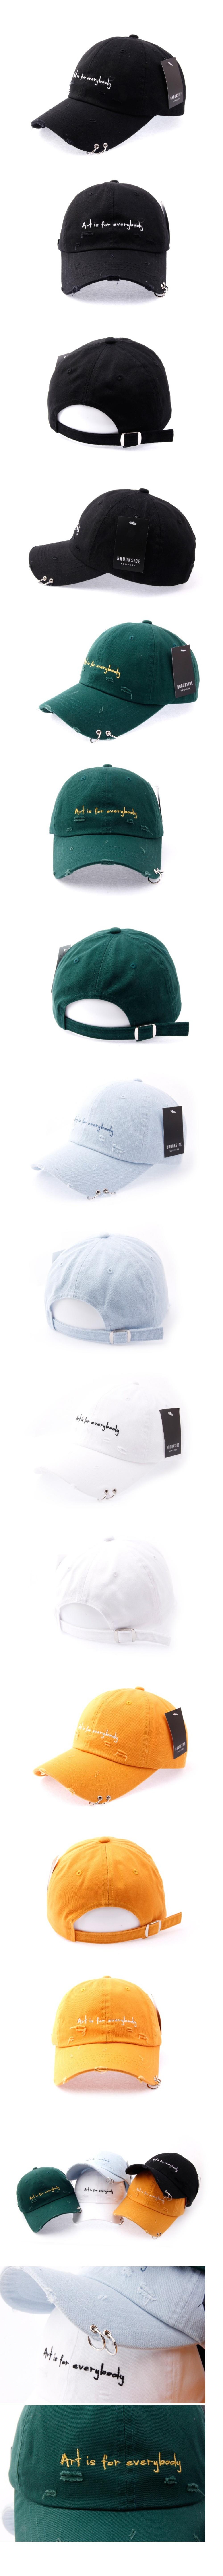 Casquette de sport pour hommes, chapeau de baseball noir, décontracté et à la mode, vente en gros, nouvelle collection 2020